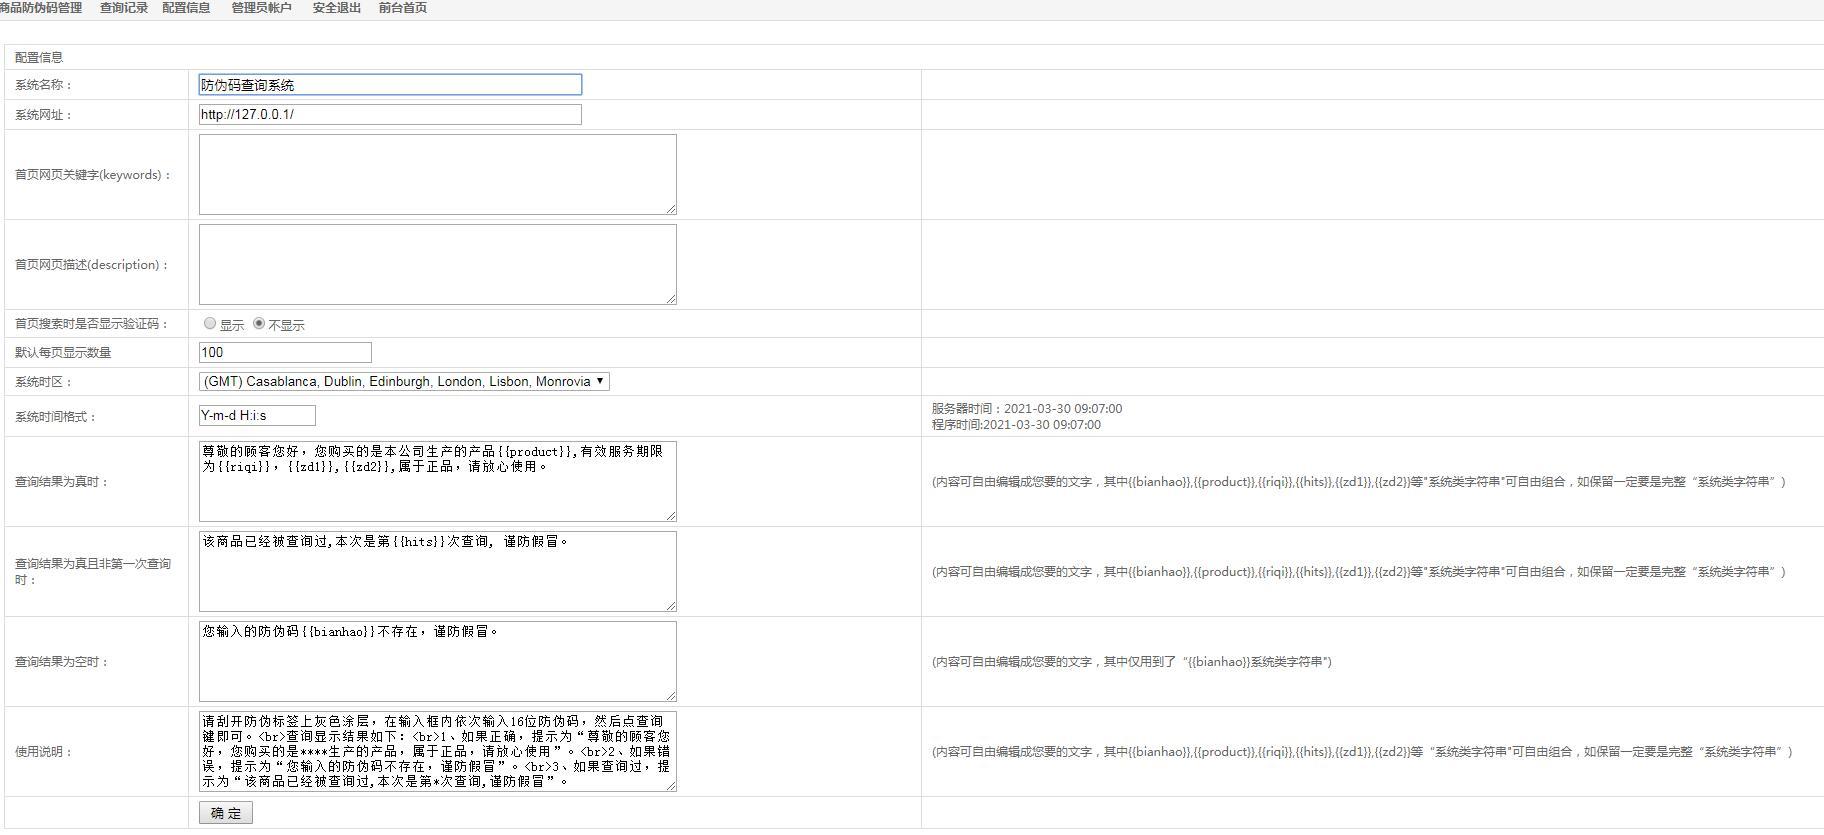 代码完全开源独立php+mysql防伪查询程序 含7套模板 产品防伪码查询系统源码【支持二次开发与定制】